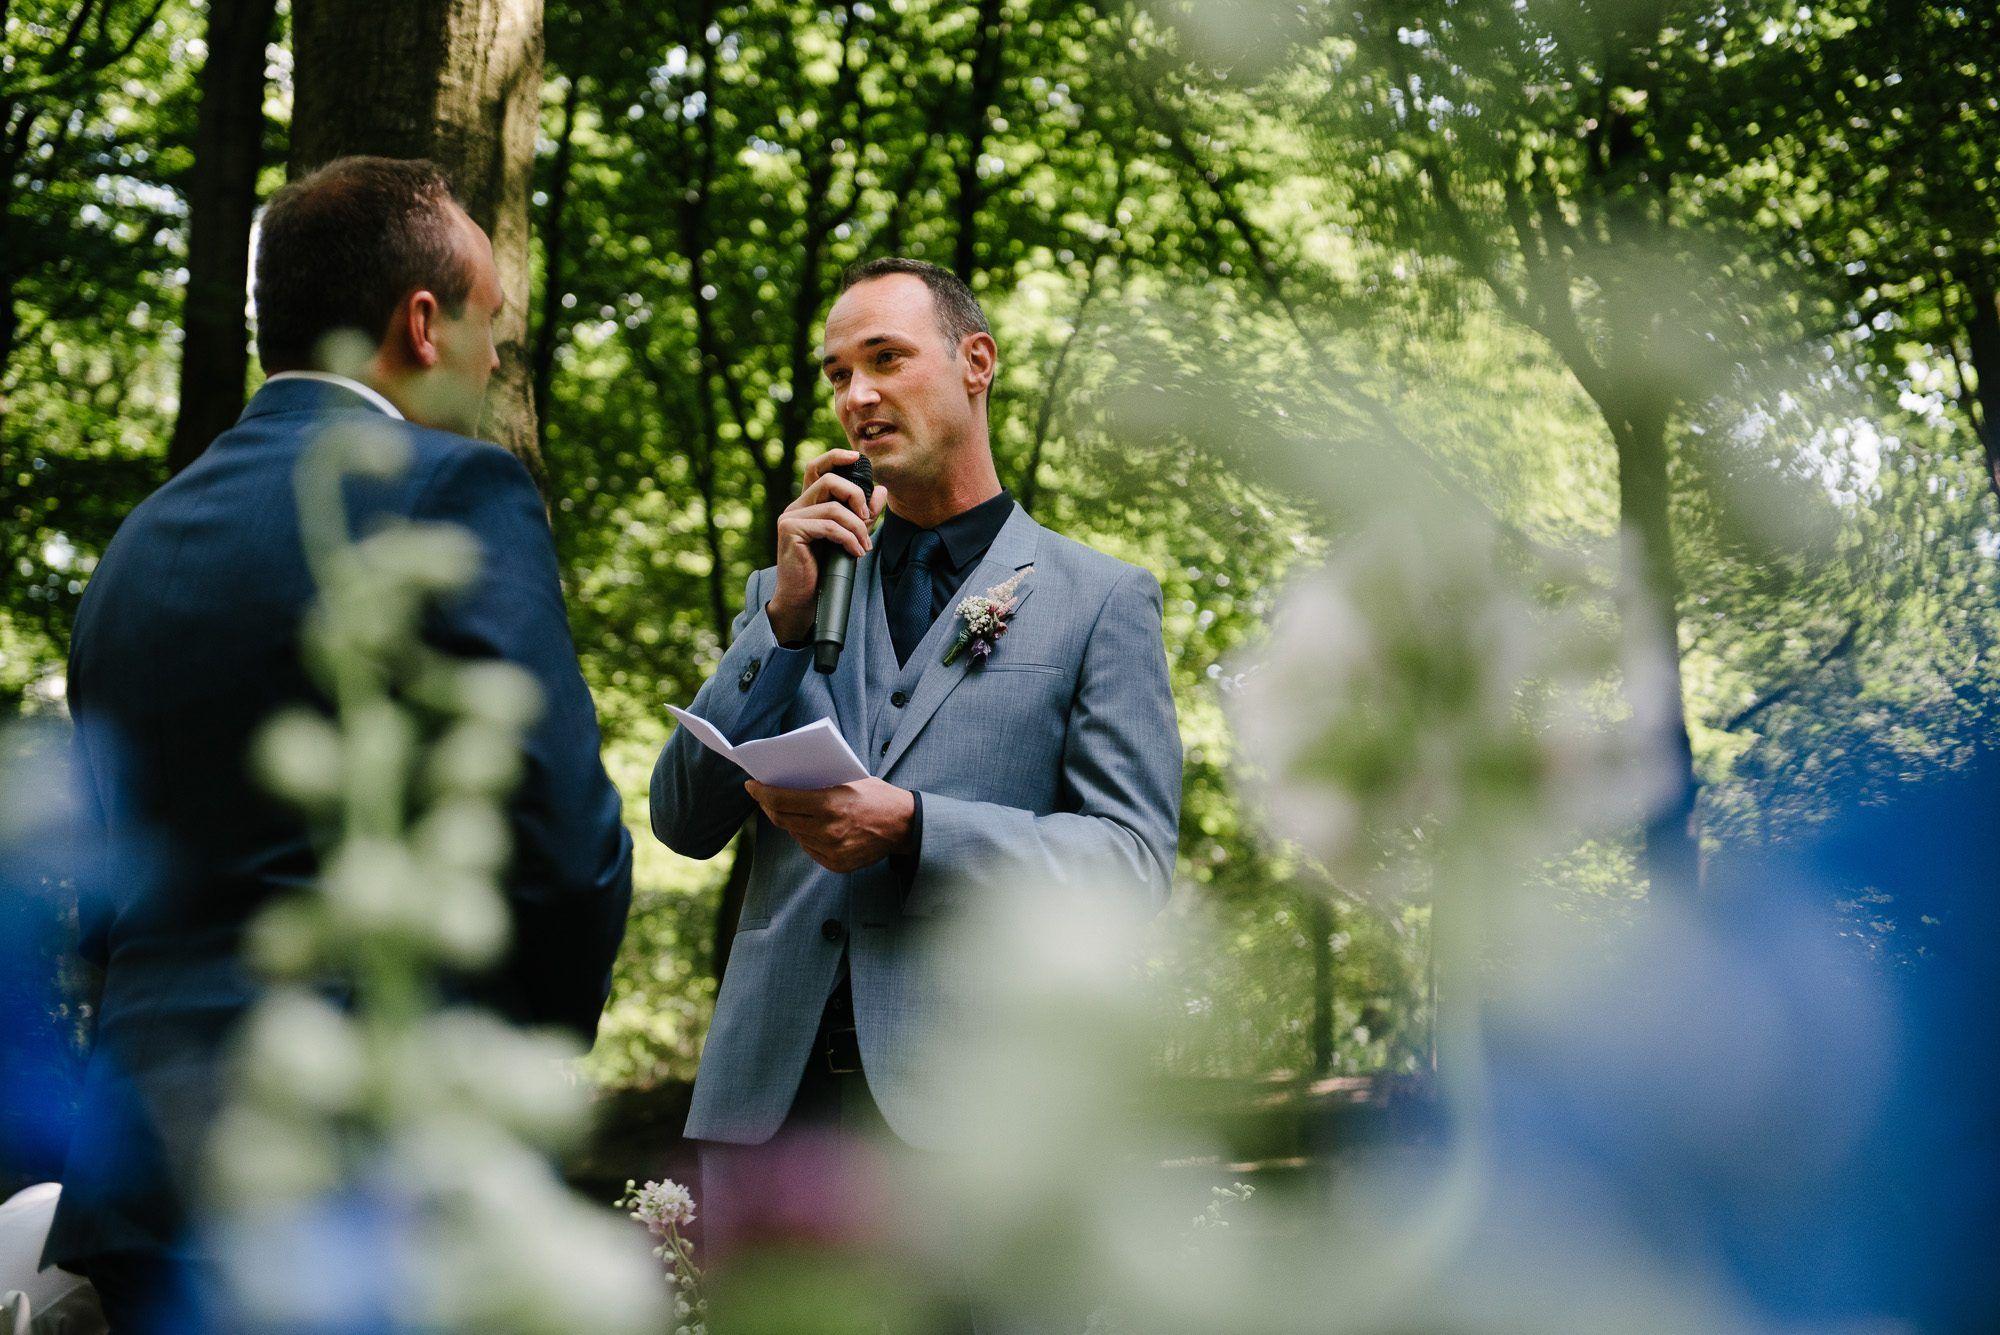 fotograaf homohuwelijk